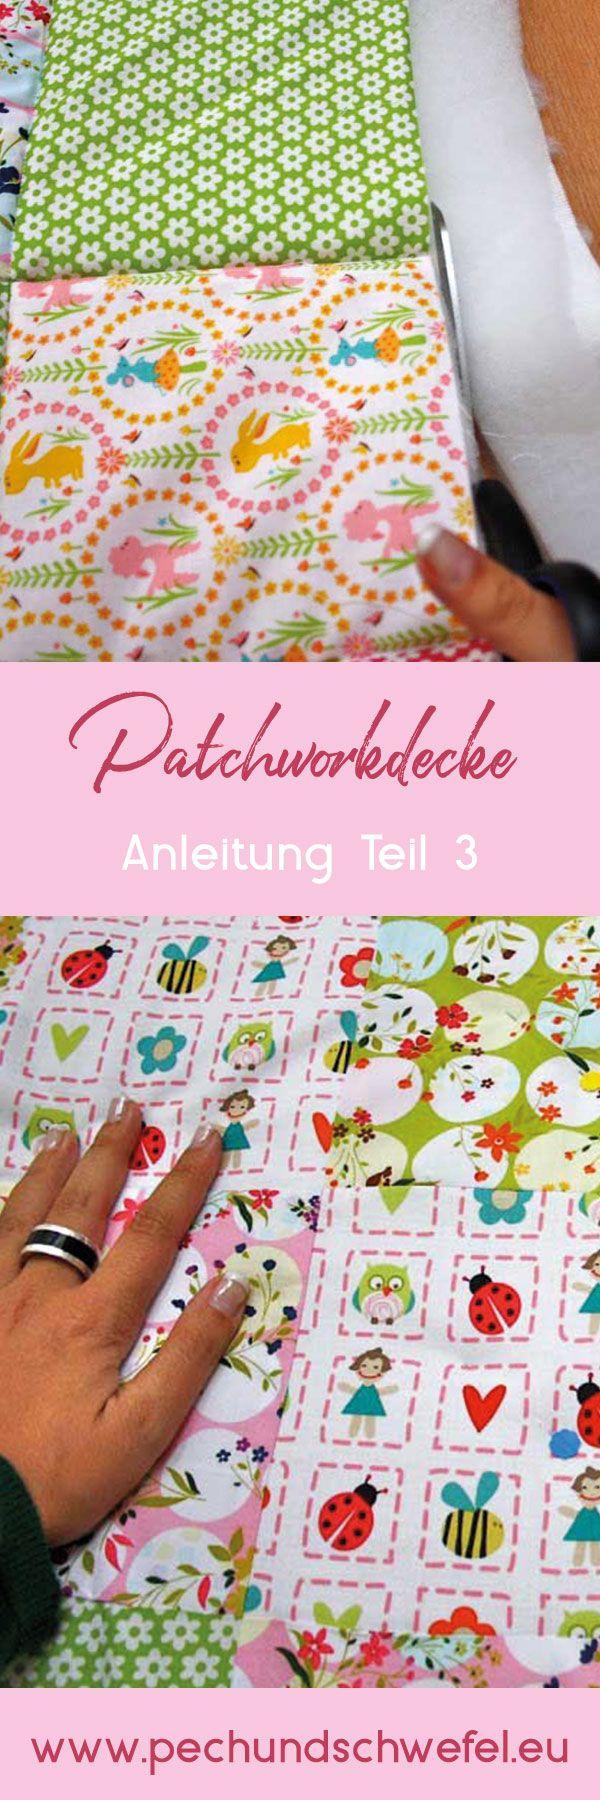 Photo of Patchworkdecke quilten – Anleitung wie man eine Decke näht